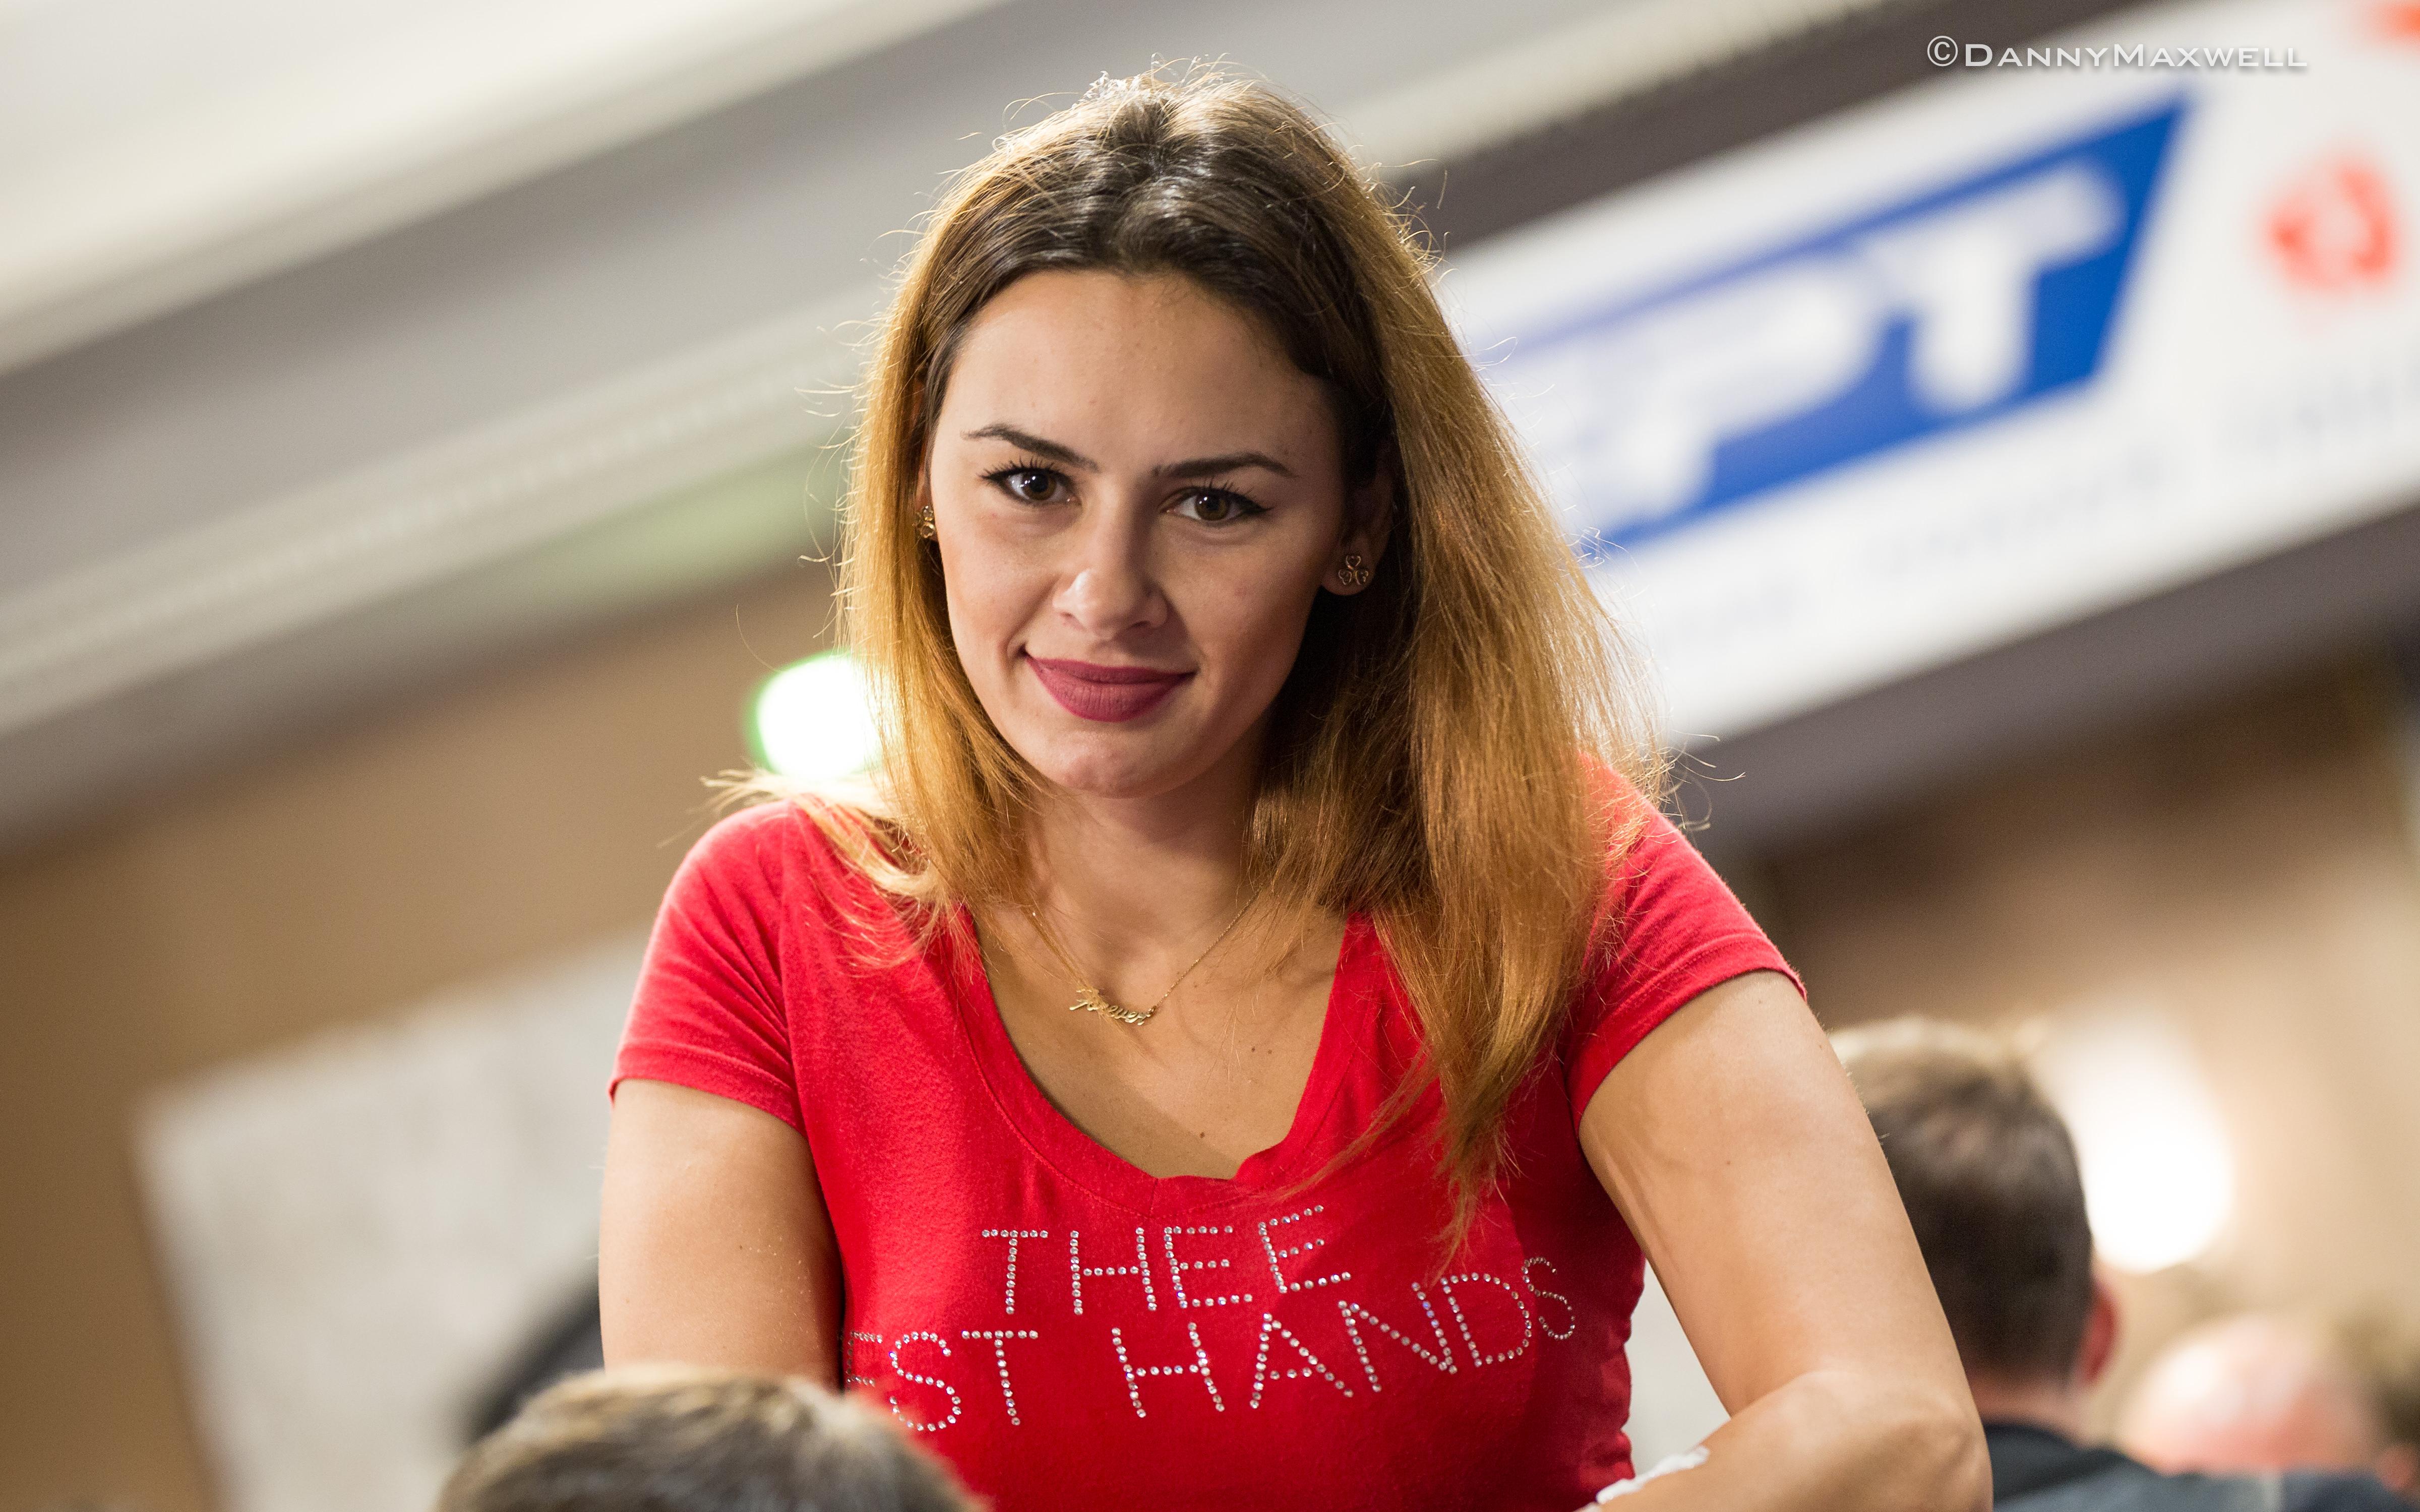 Din culisele pokerului: cea mai cautata maseuza din lume, Dana Perianu 103